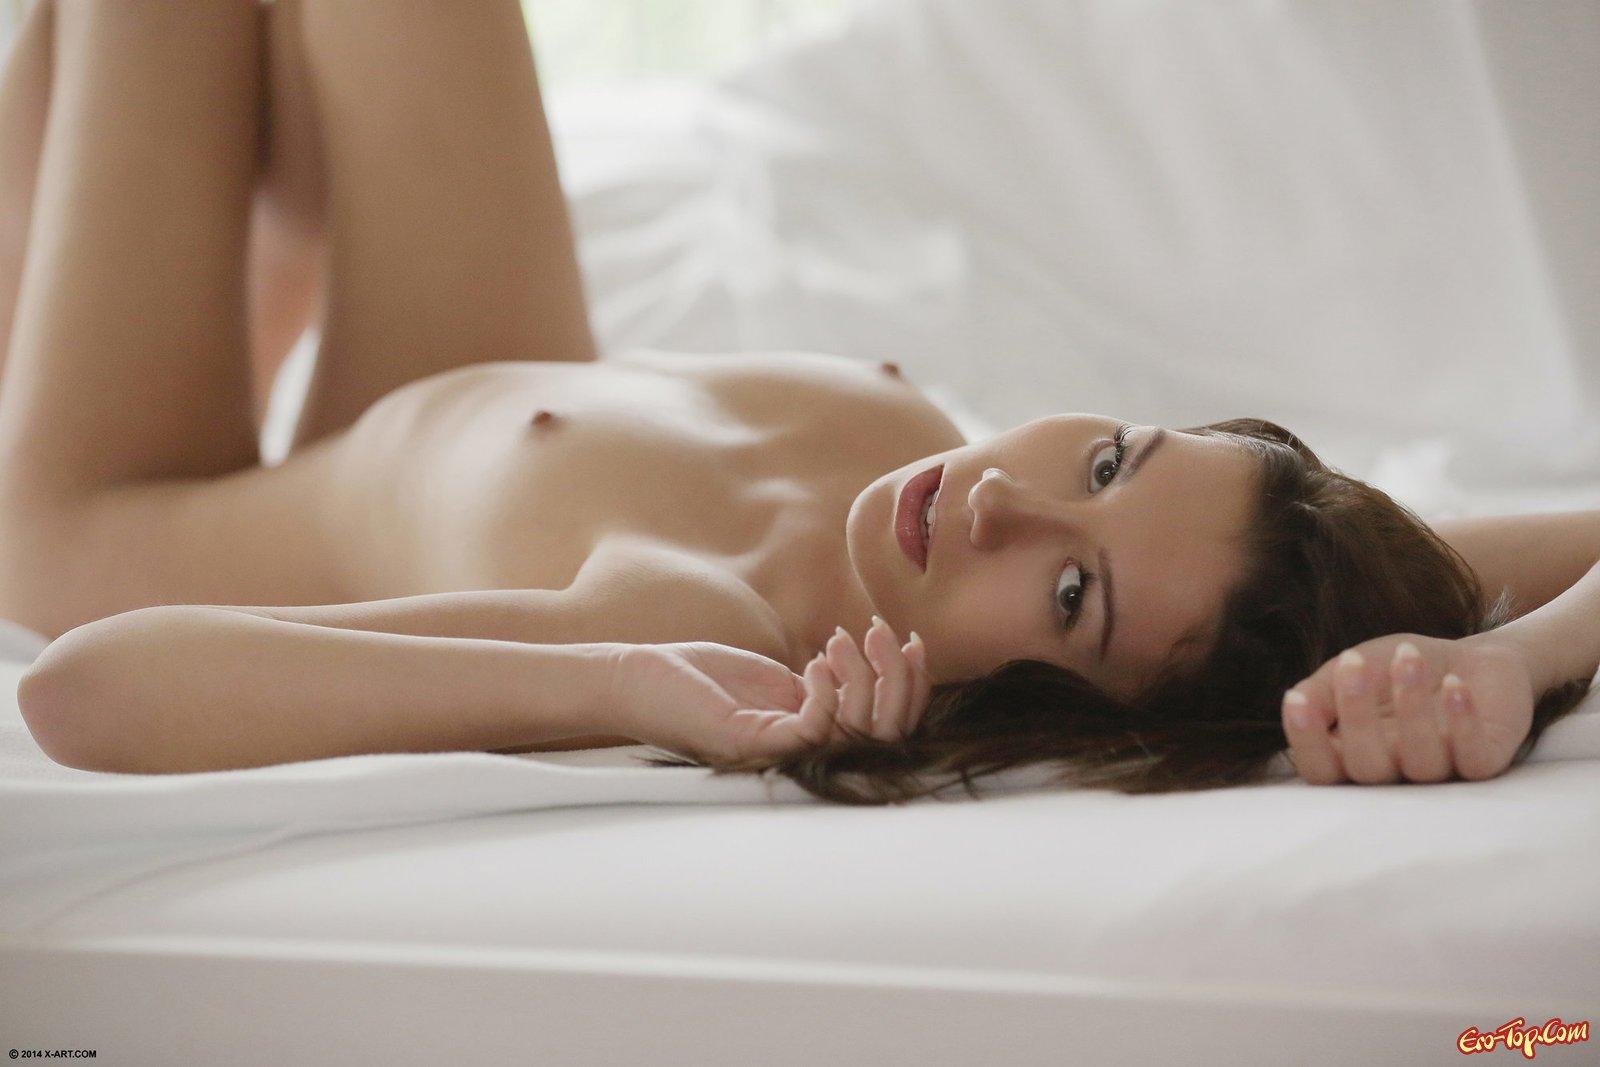 Красивая вагина в лежанке смотреть эротику